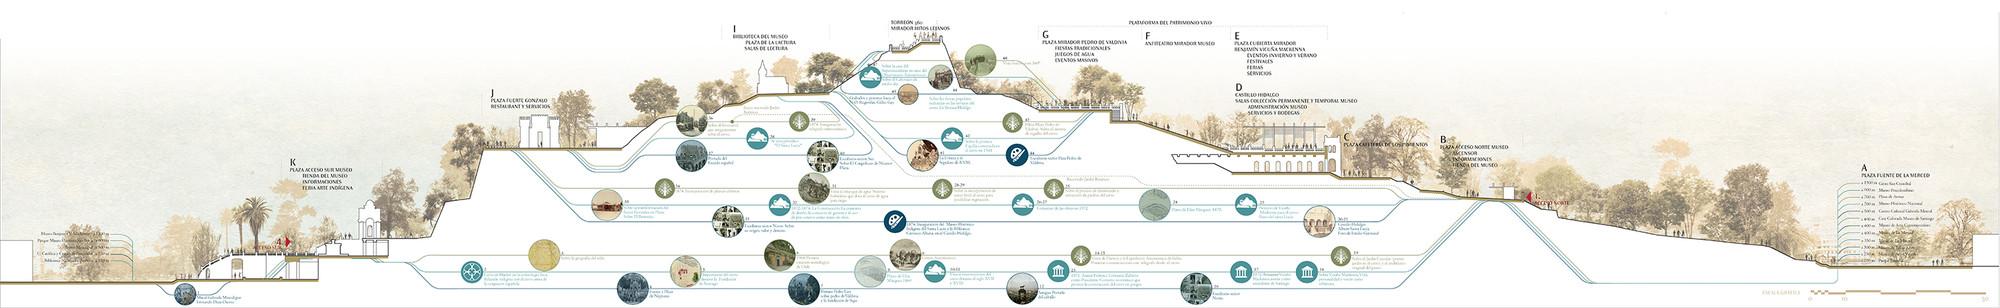 Museografía. Image Cortesia de Fundación Cerros Isla + Macarena Gaete